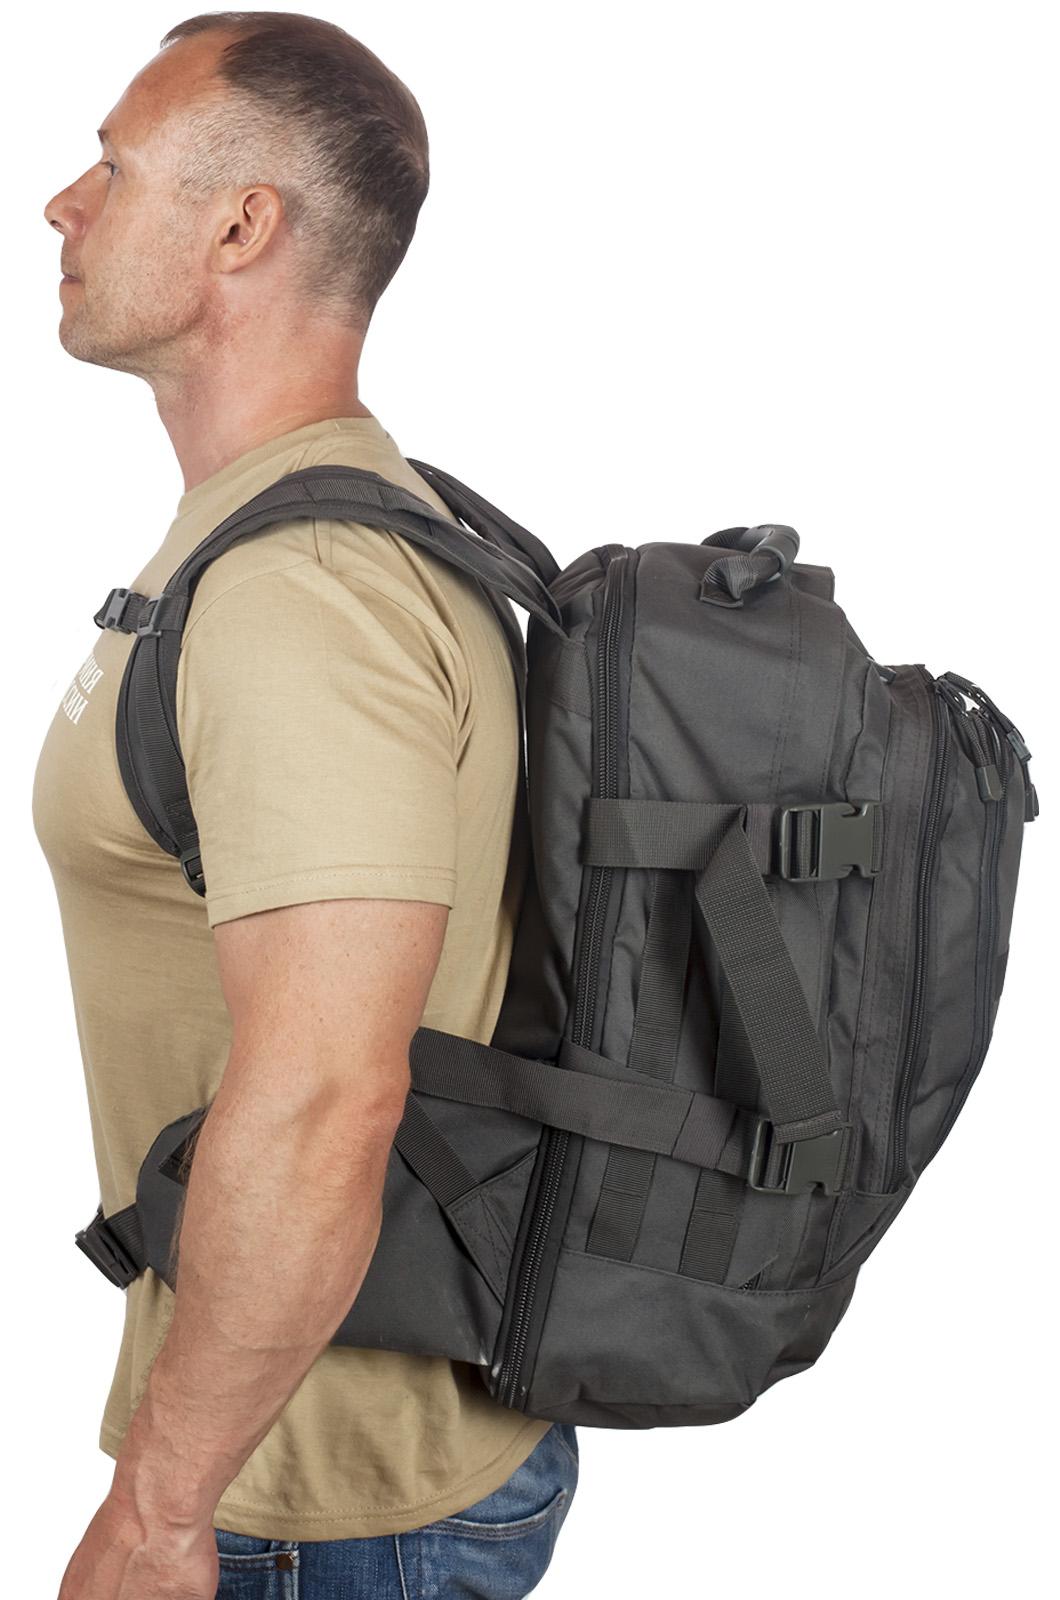 Рейдовый универсальный рюкзак ФСО - заказать выгодно